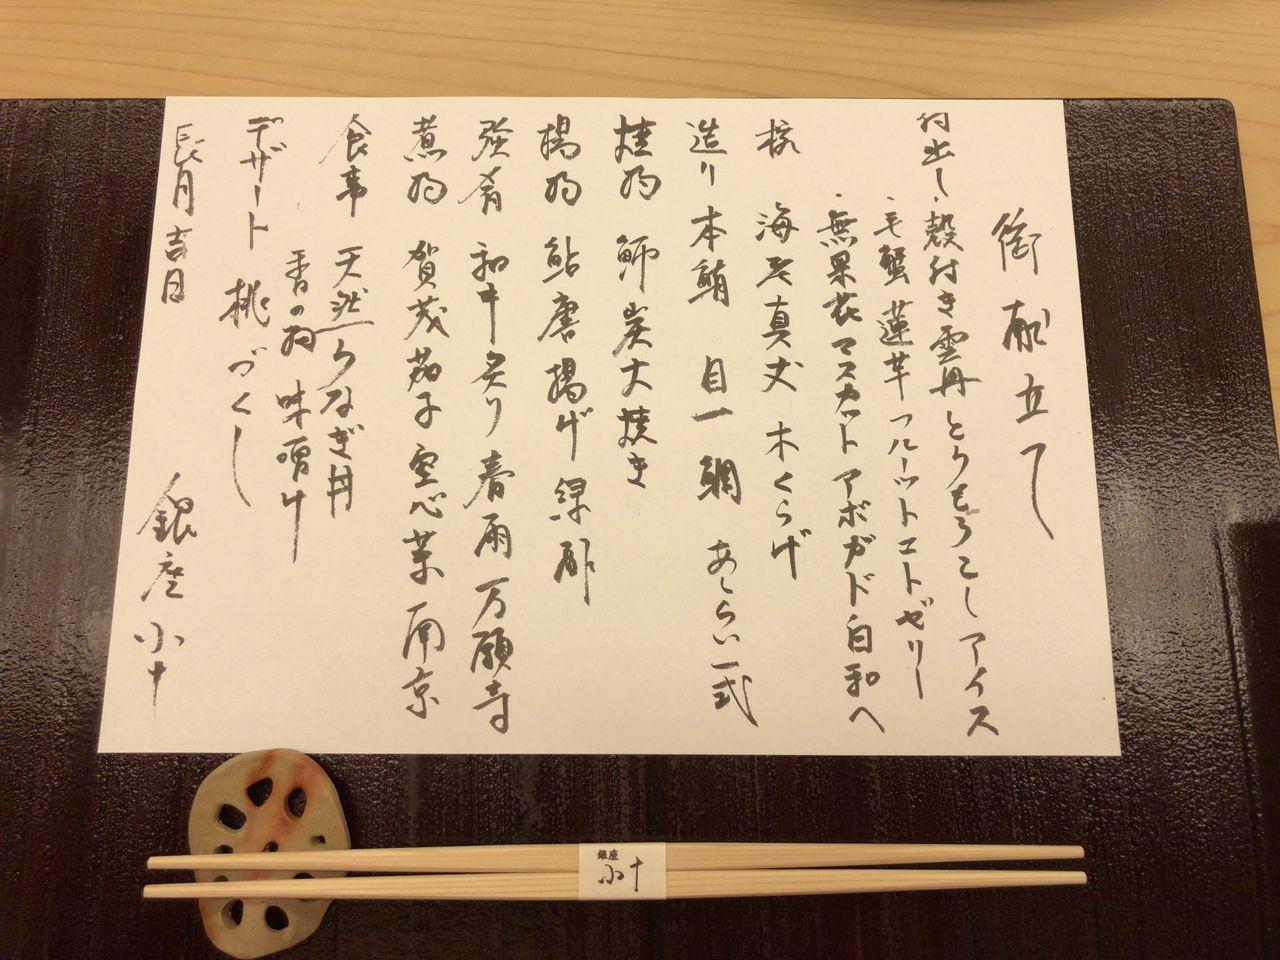 銀座小十 : 河村邦子のブログ